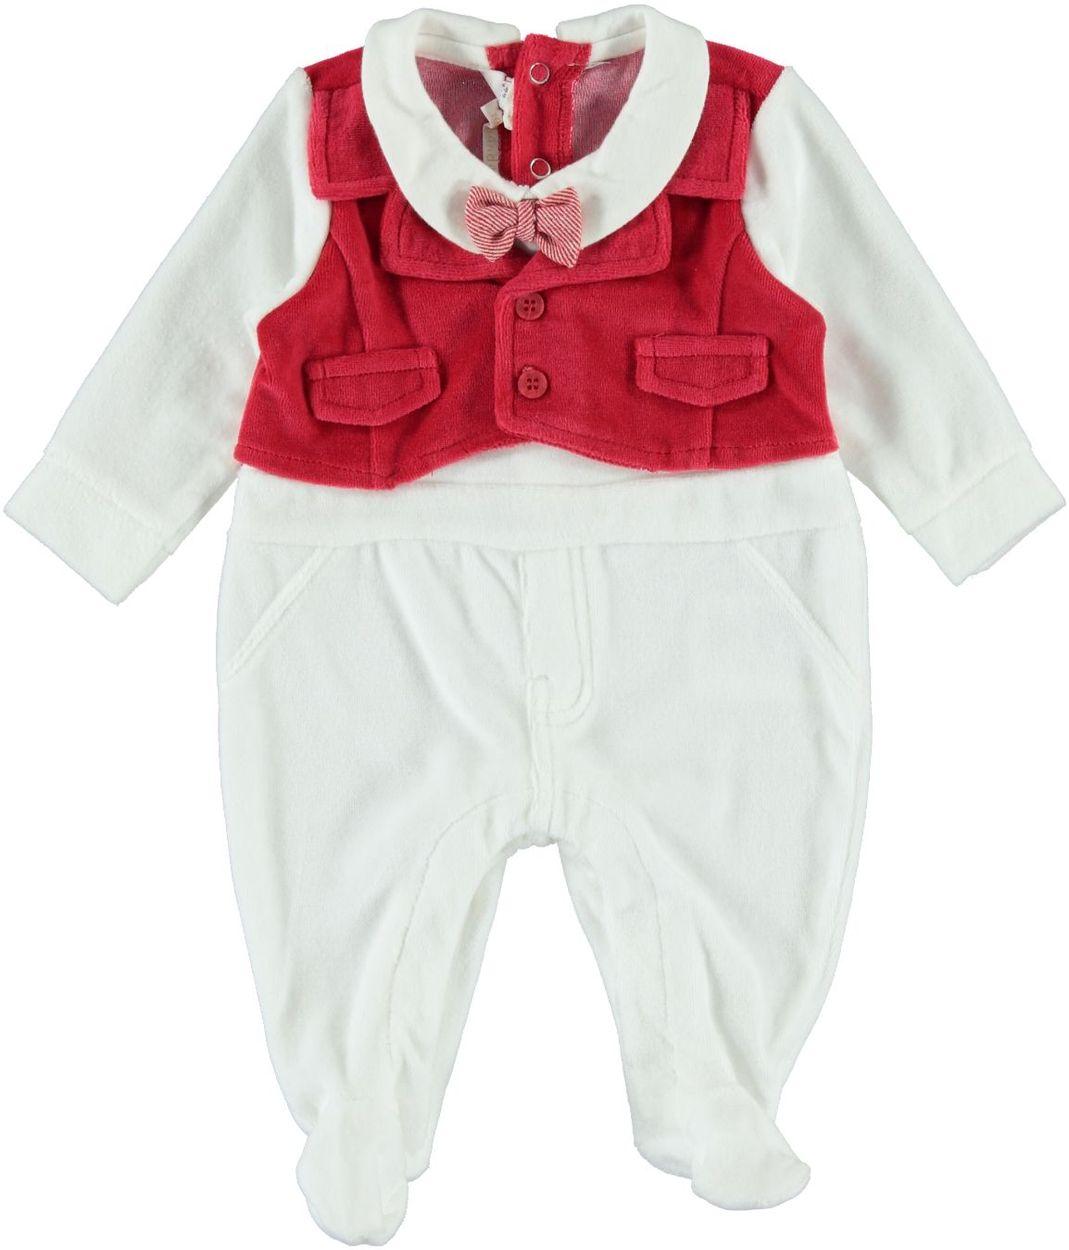 Bien-aimé Tutina neonato con finto gilet per bambino da 0 a 18 mesi  IE85